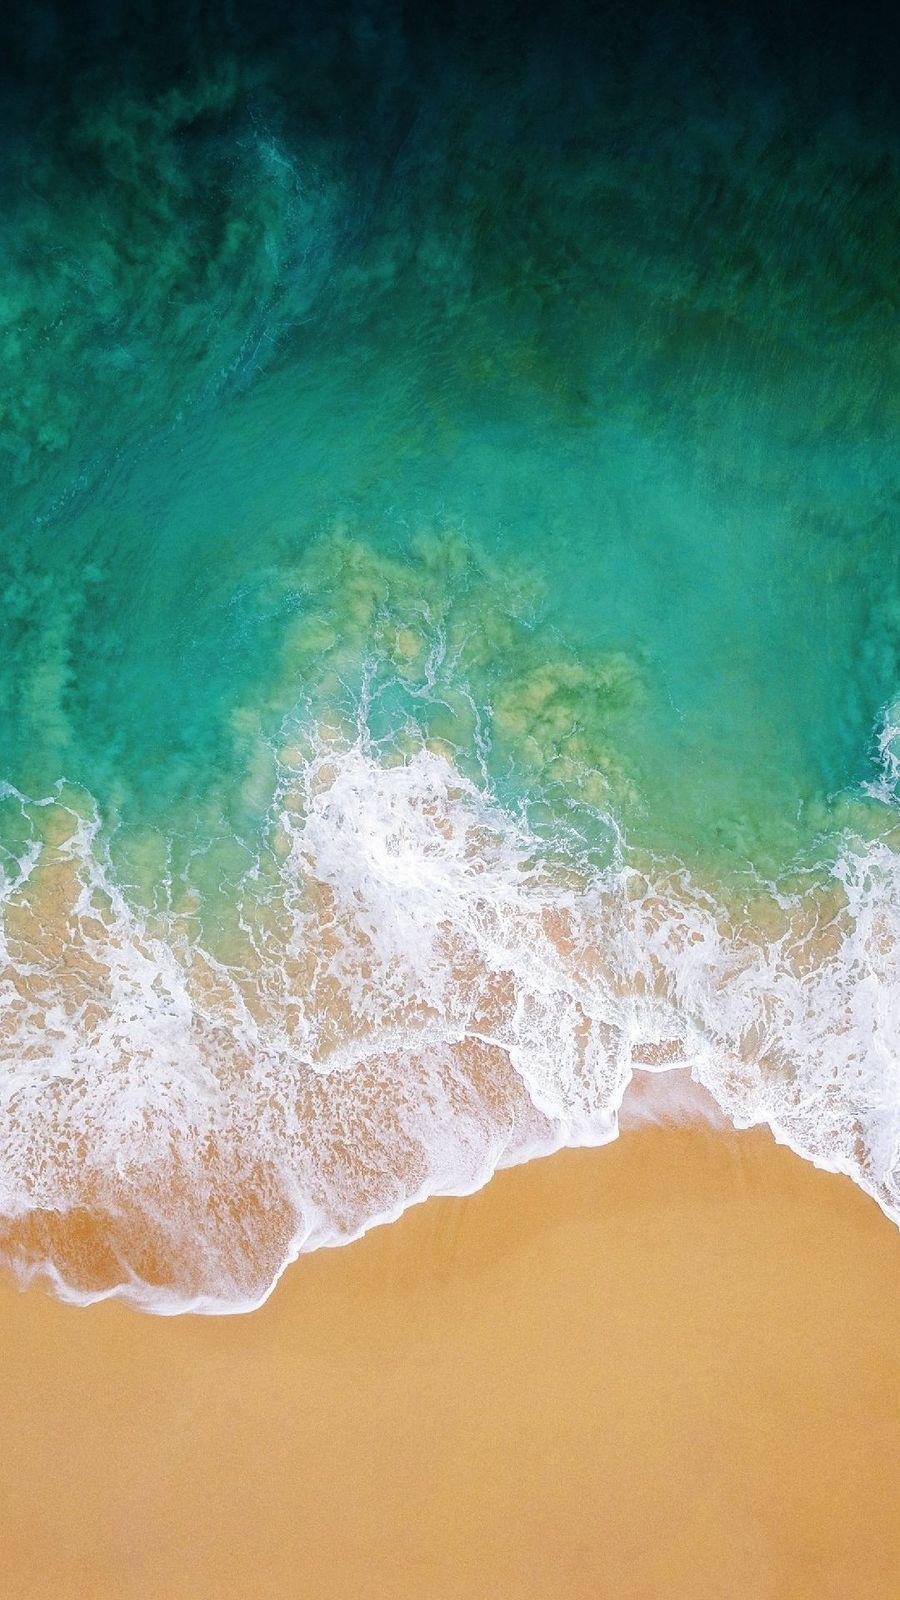 Обои на телефон эпл, тропические, пляж, море, айфон, iso, iphone x, iphone, hd, apple